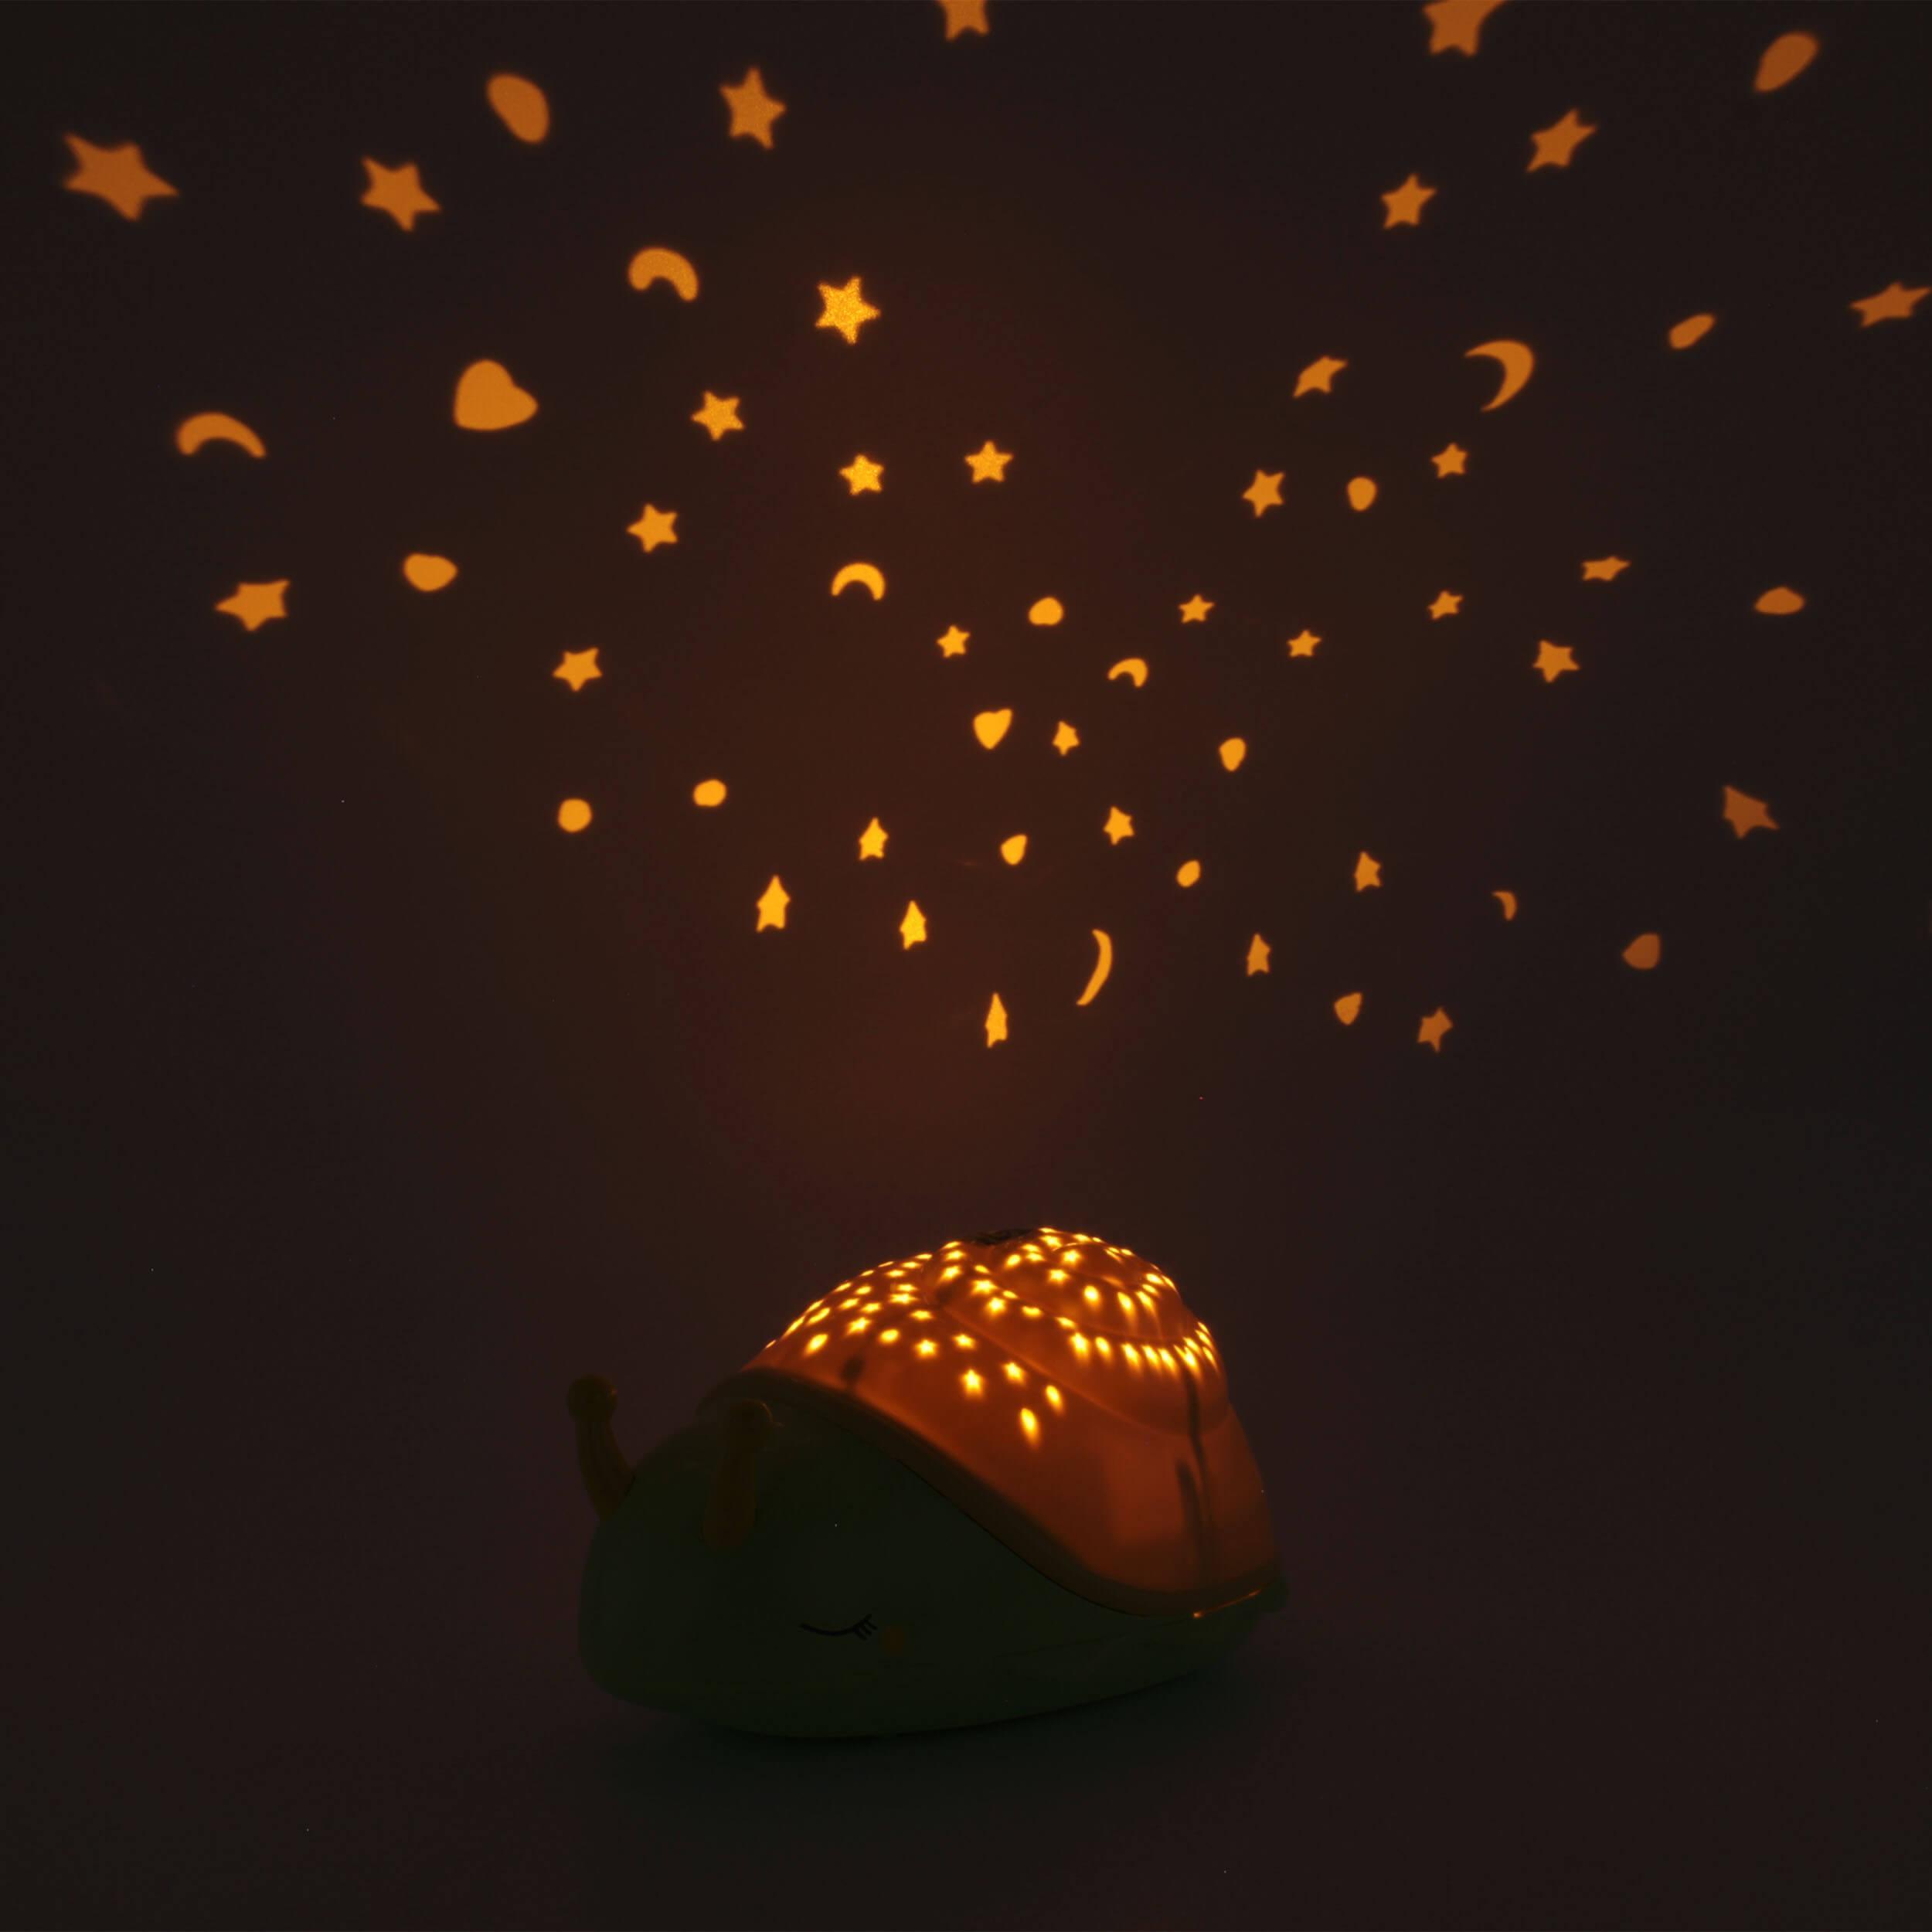 ANSMANN LED Sternenhimmel Projektor Schnecke